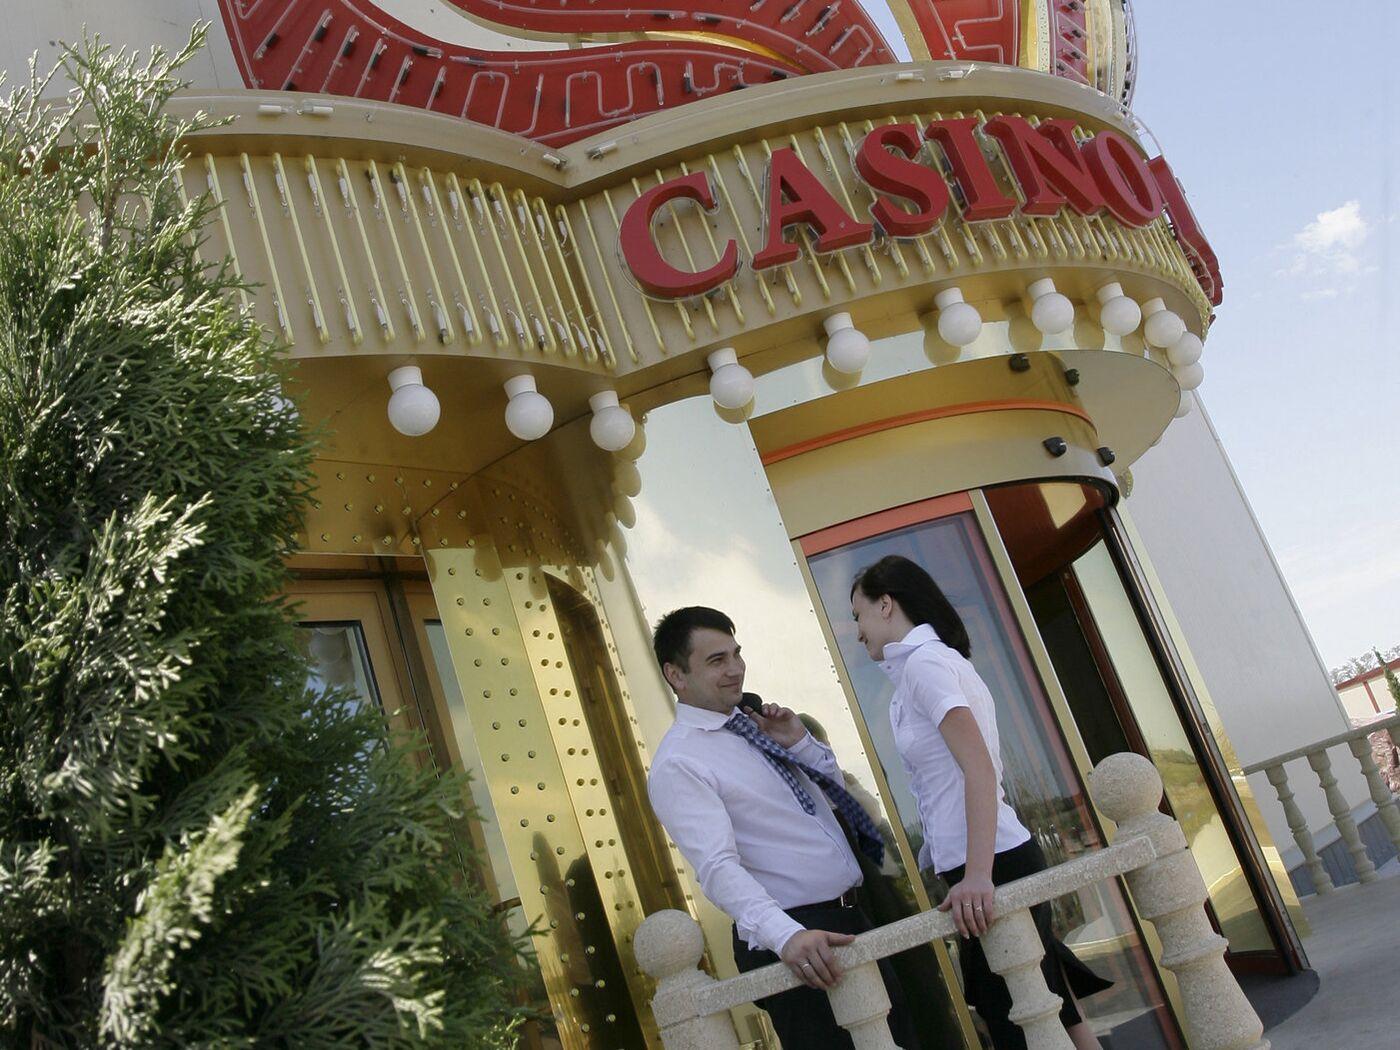 Кто хозяин казино оракул заработать в казино s